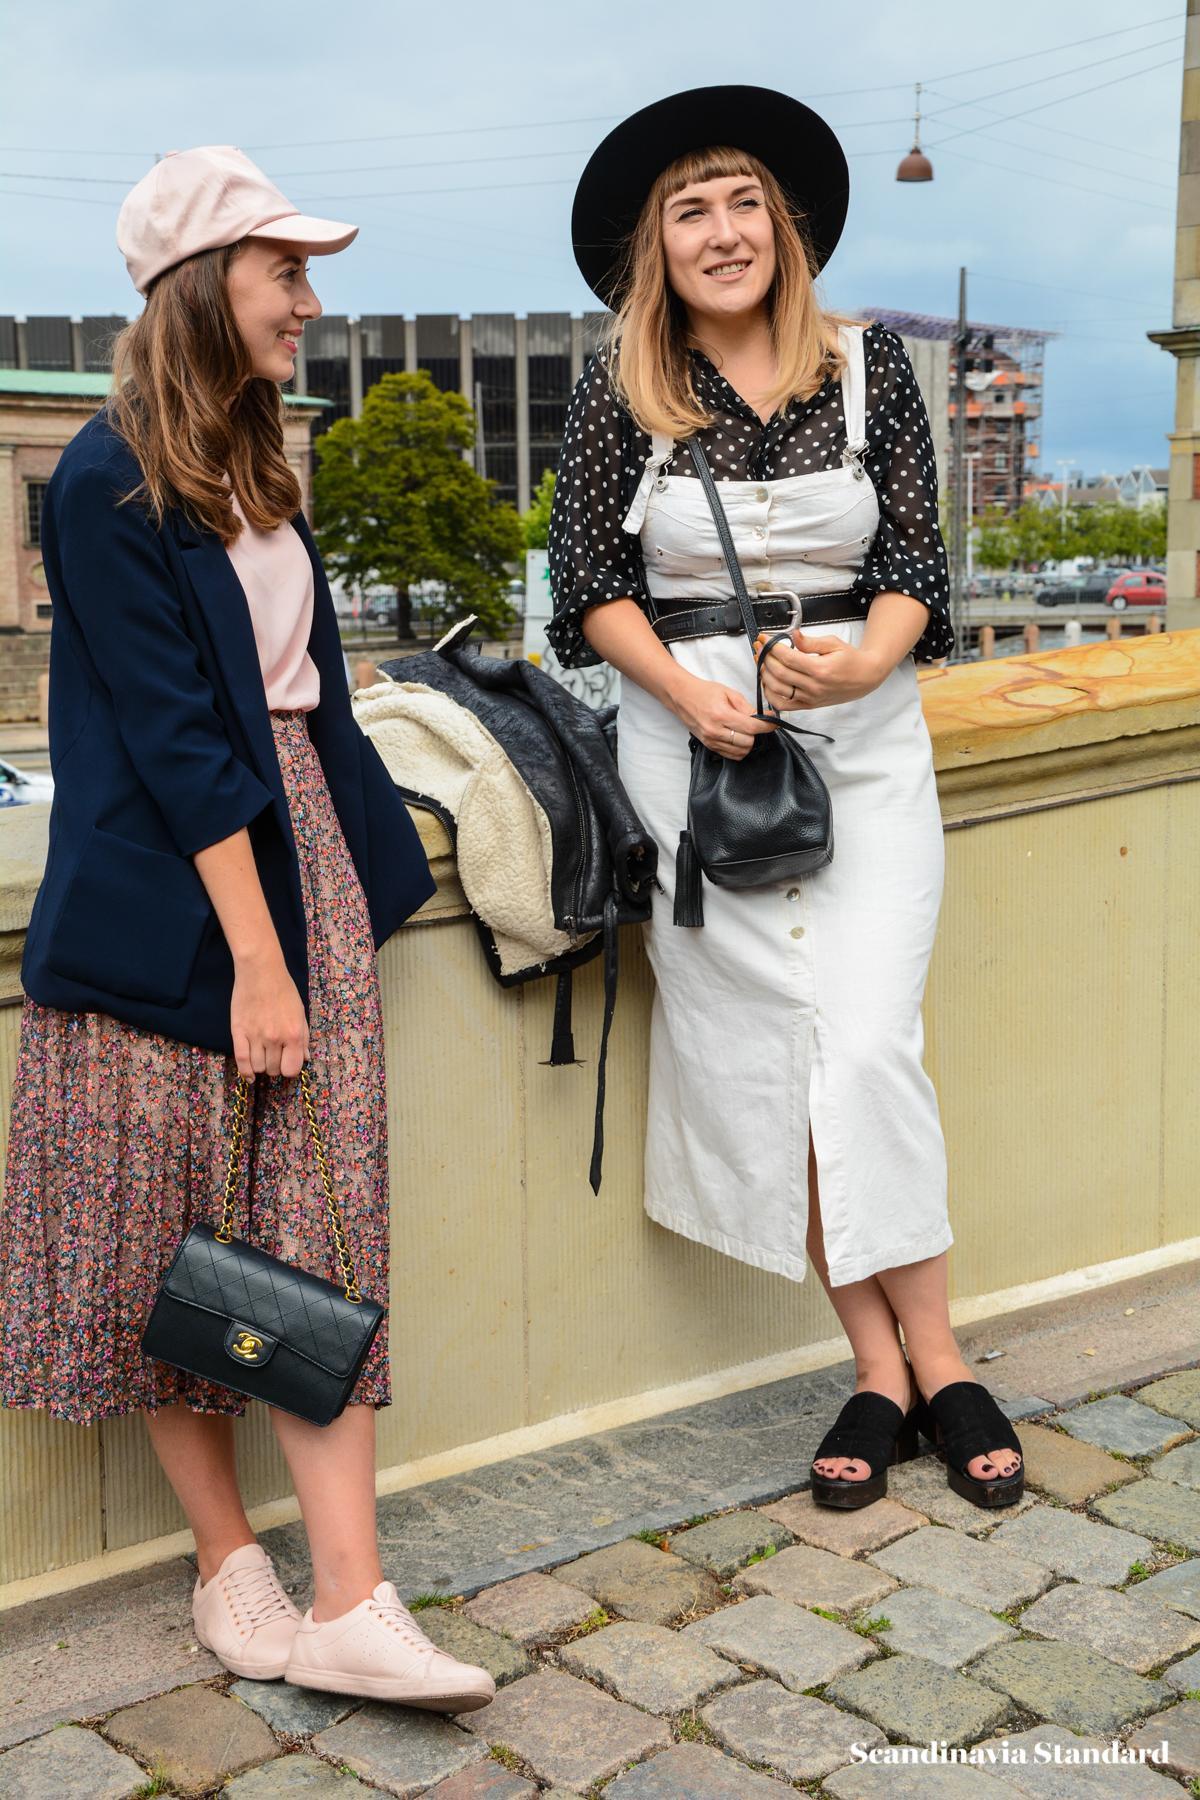 The Best Copenhagen Fashion Week Street Style SS17 | Scandinavia Standard - DSC_6500